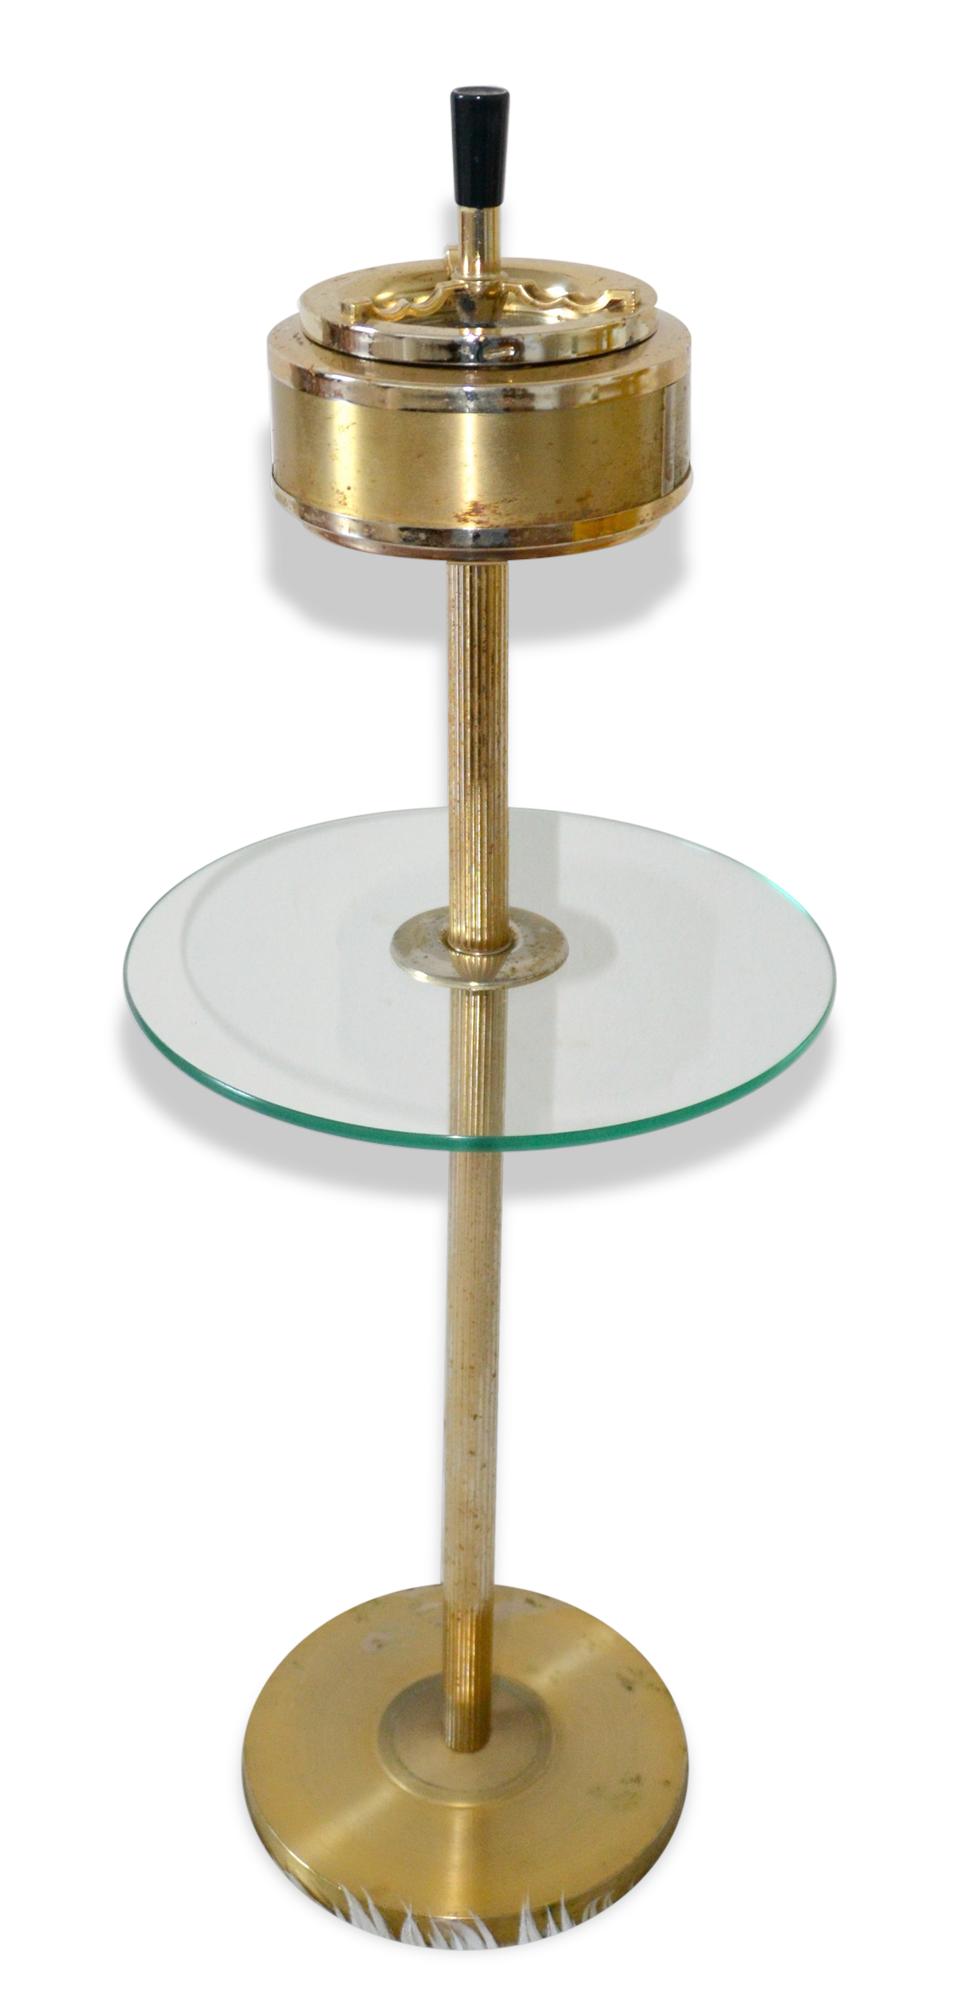 Cendrier vintage sur pied, doré, tablette en verre